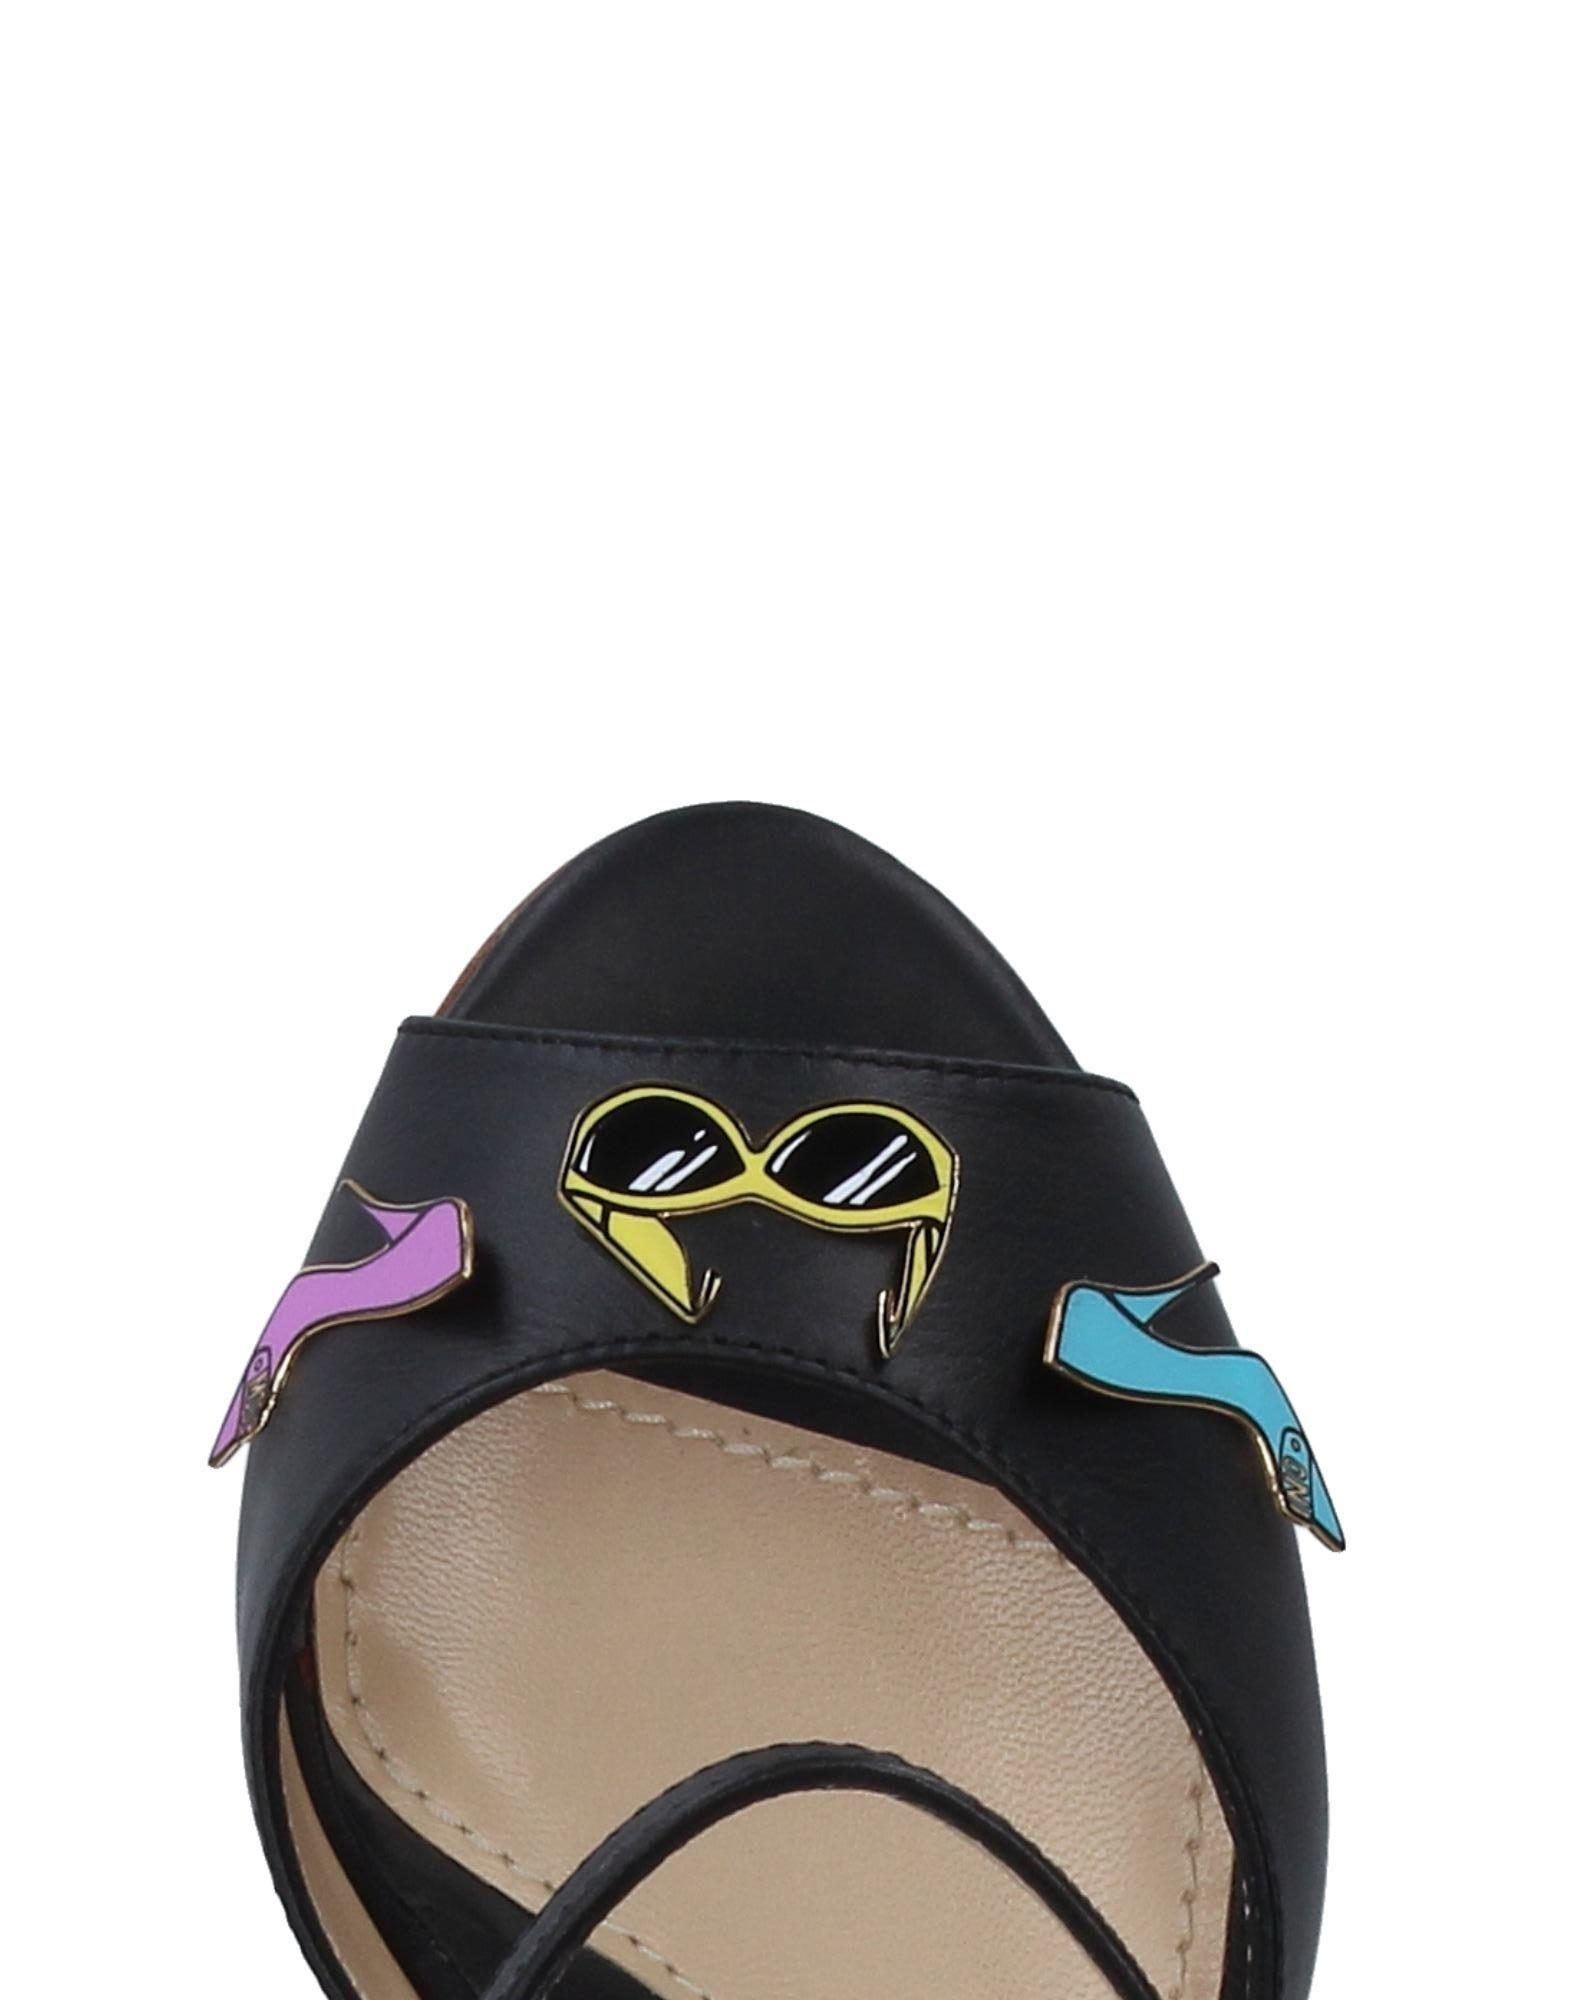 Haltbare Mode billige Schuhe Moschino Sandalen Damen  11326429JV Heiße Schuhe